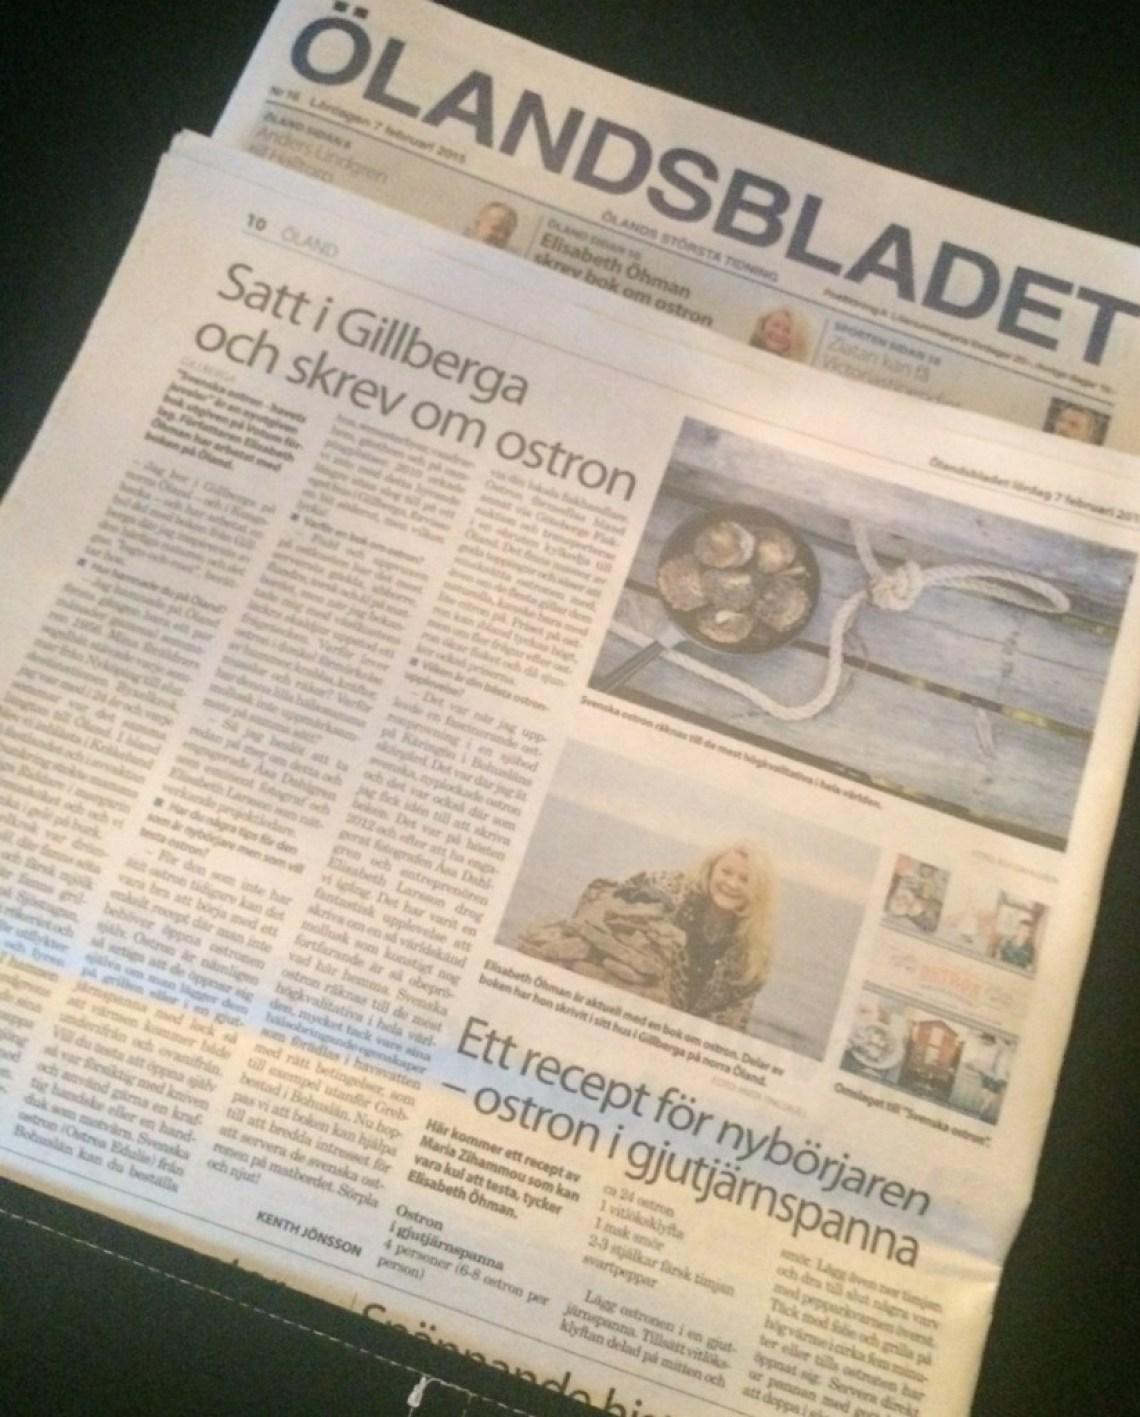 Reportage i Ölandsbladet